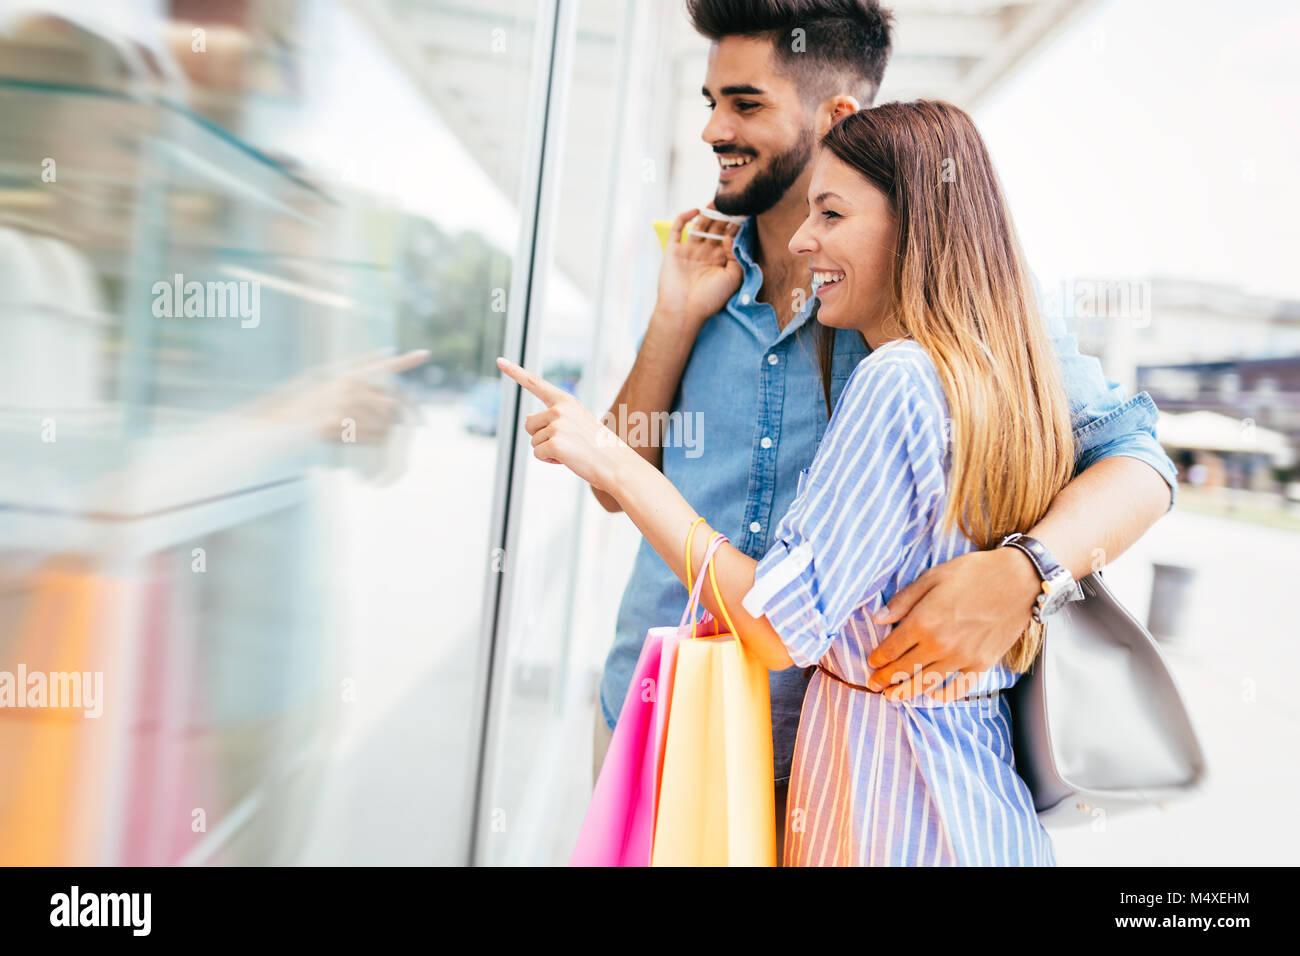 Heureux joli couple aimant faire du shopping ensemble Photo Stock